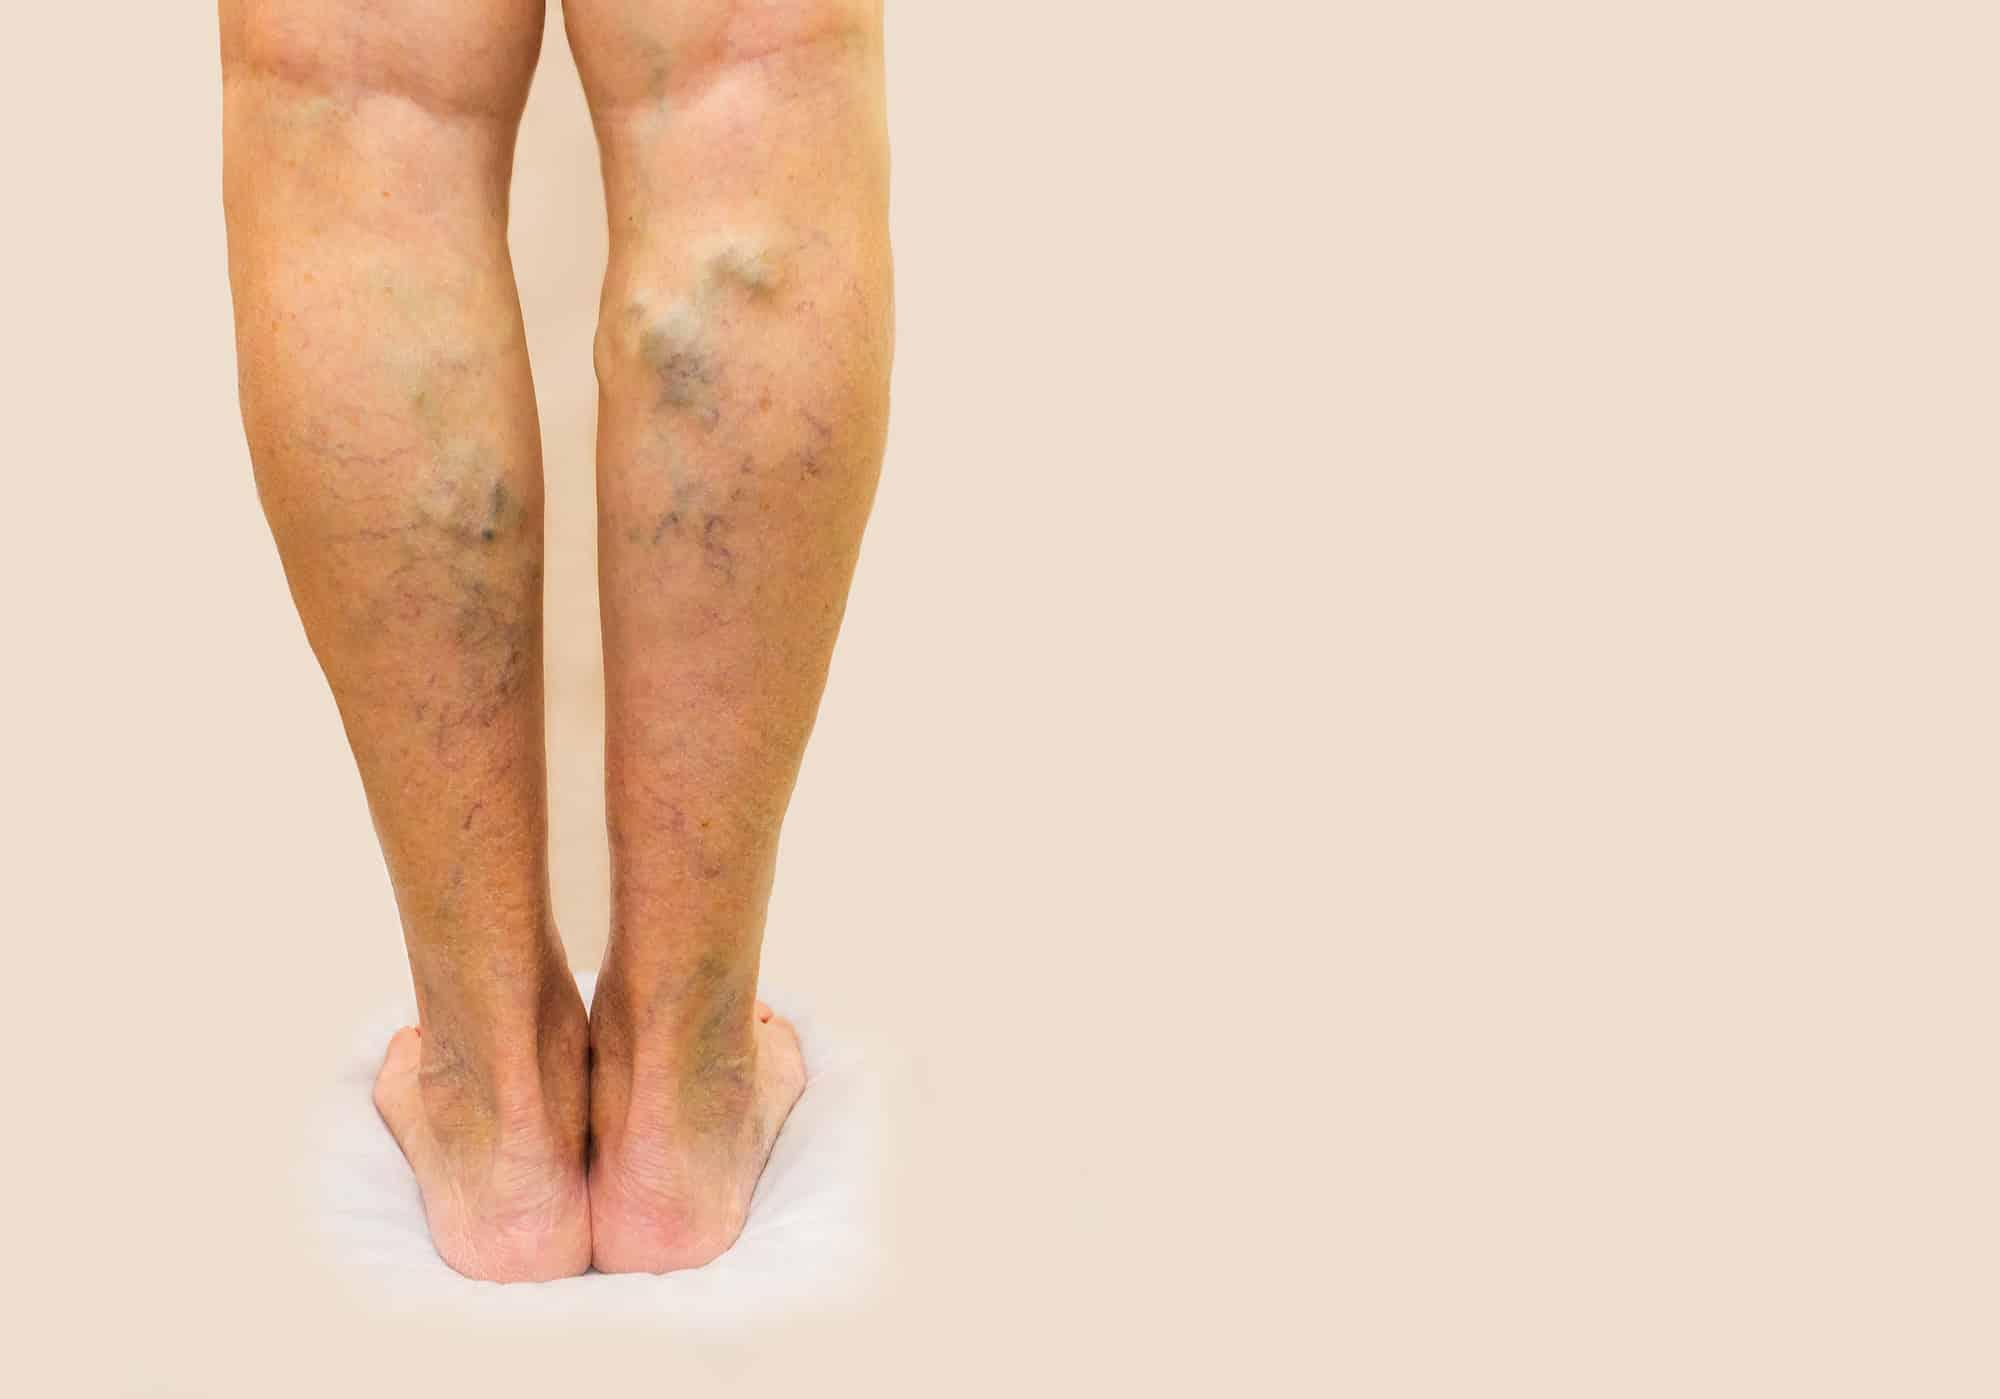 التخلص من دوالي الساقين بالطرق الطبيعية وأفضل طرق الوقاية من دوالي الساقين